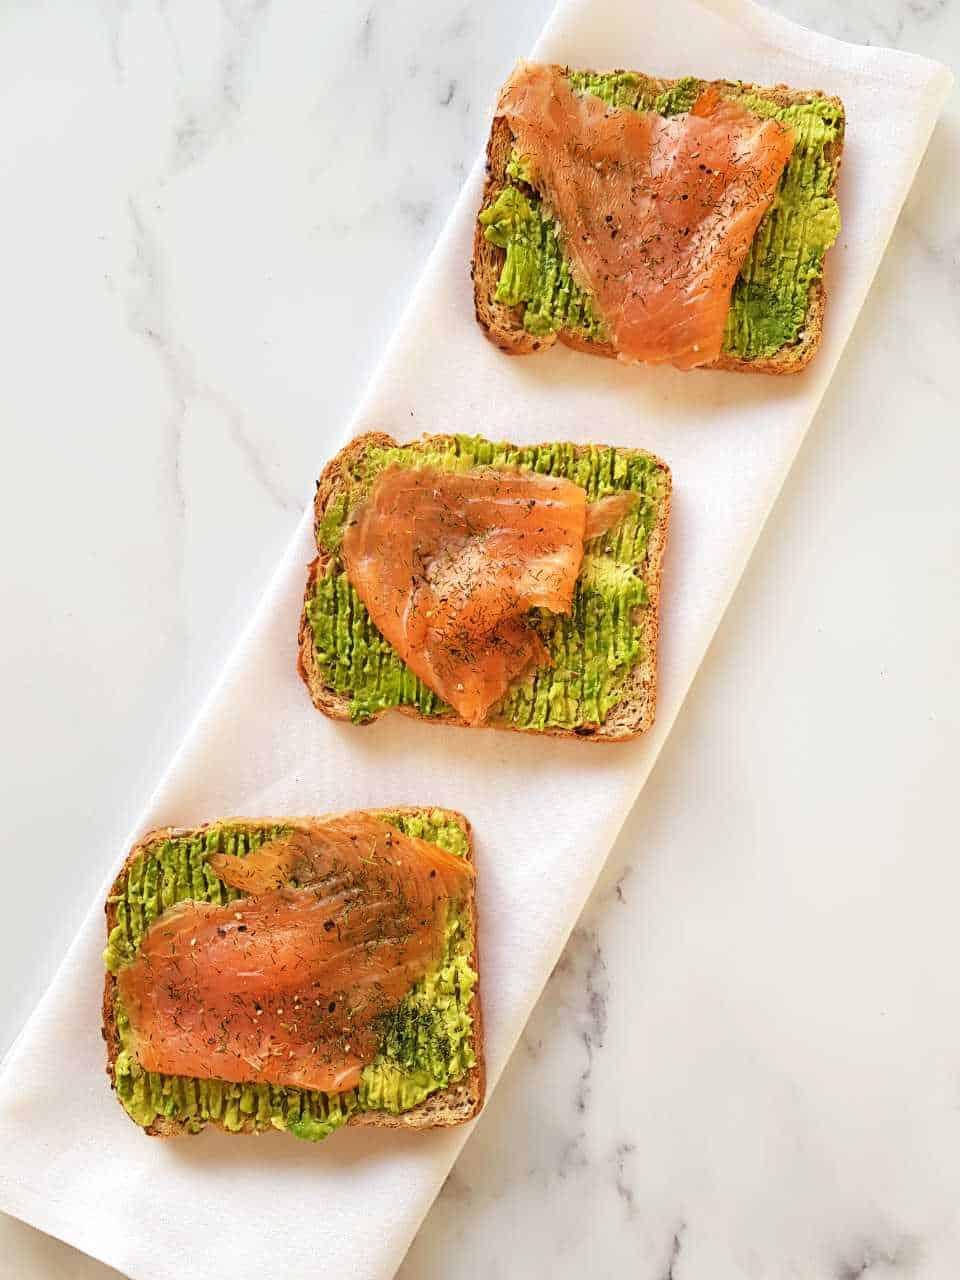 Avocado toast with smoked salmon on a white napkin on a marble table.